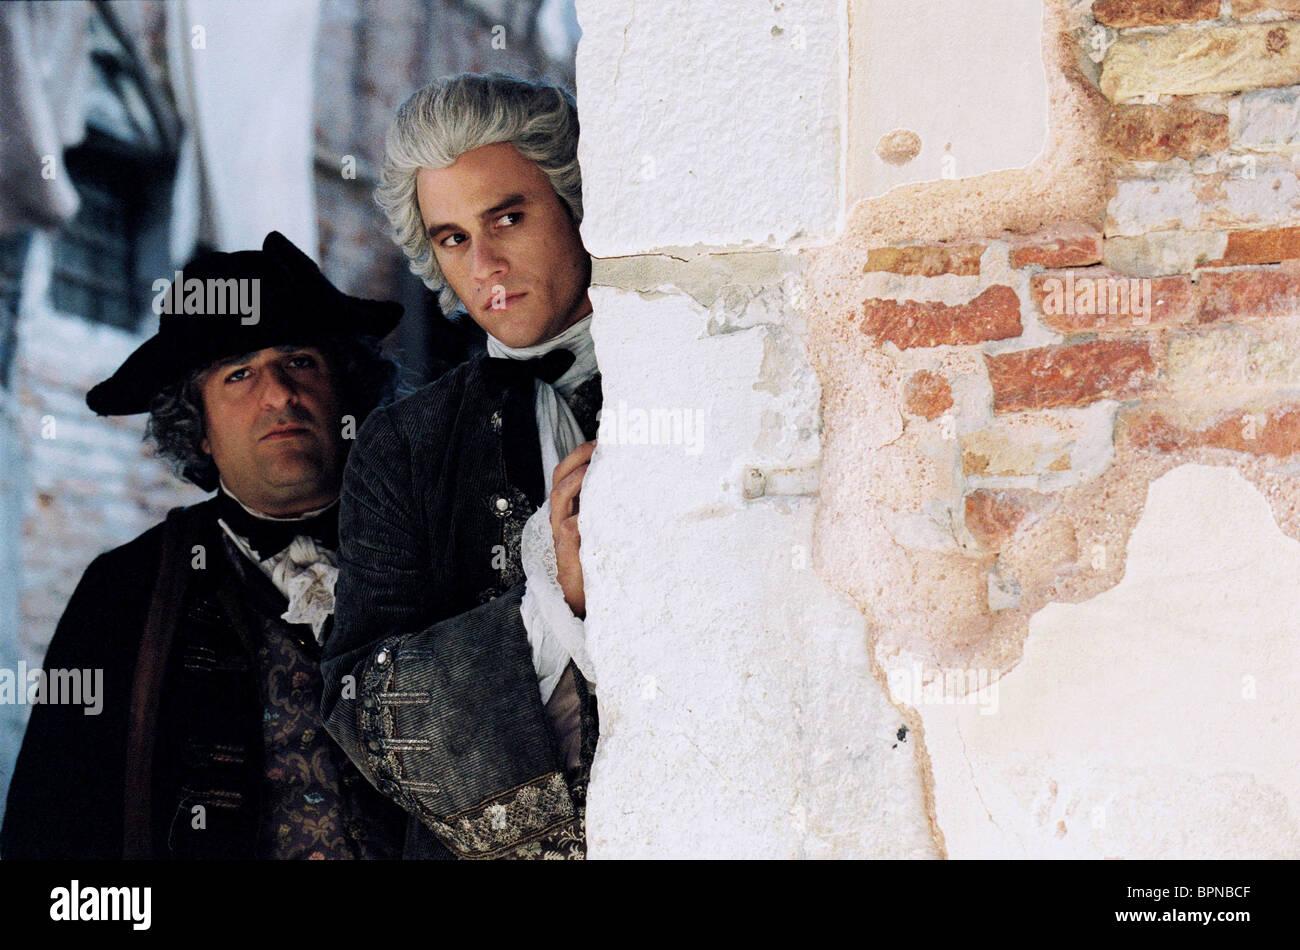 OMID DJALILI & HEATH LEDGER CASANOVA (2005) - Stock Image